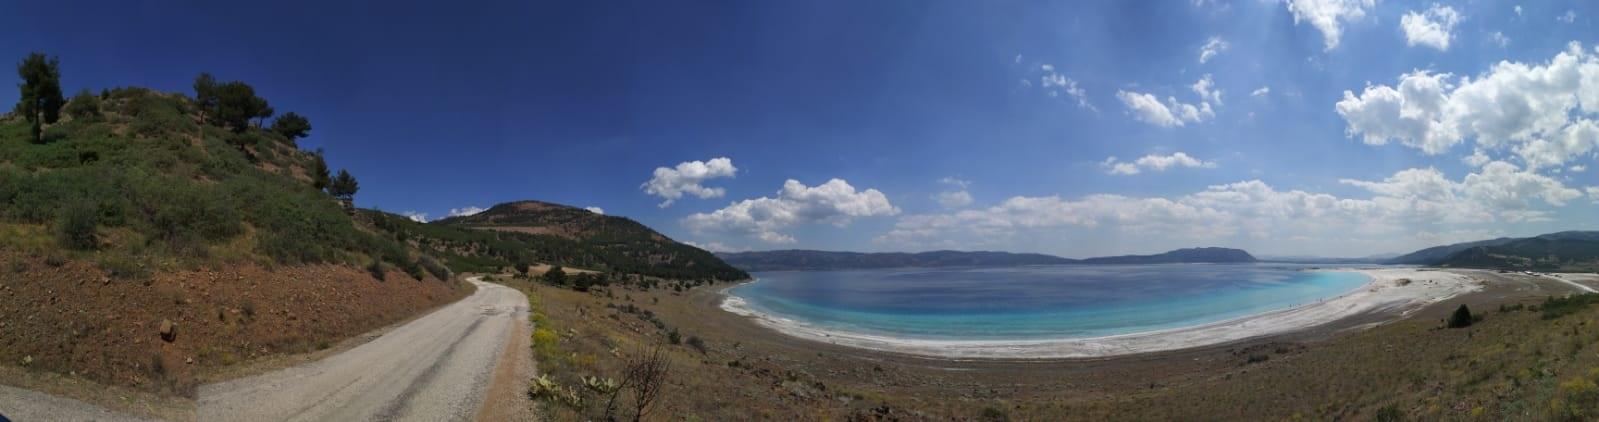 Salda Plajı Genel Görünüm